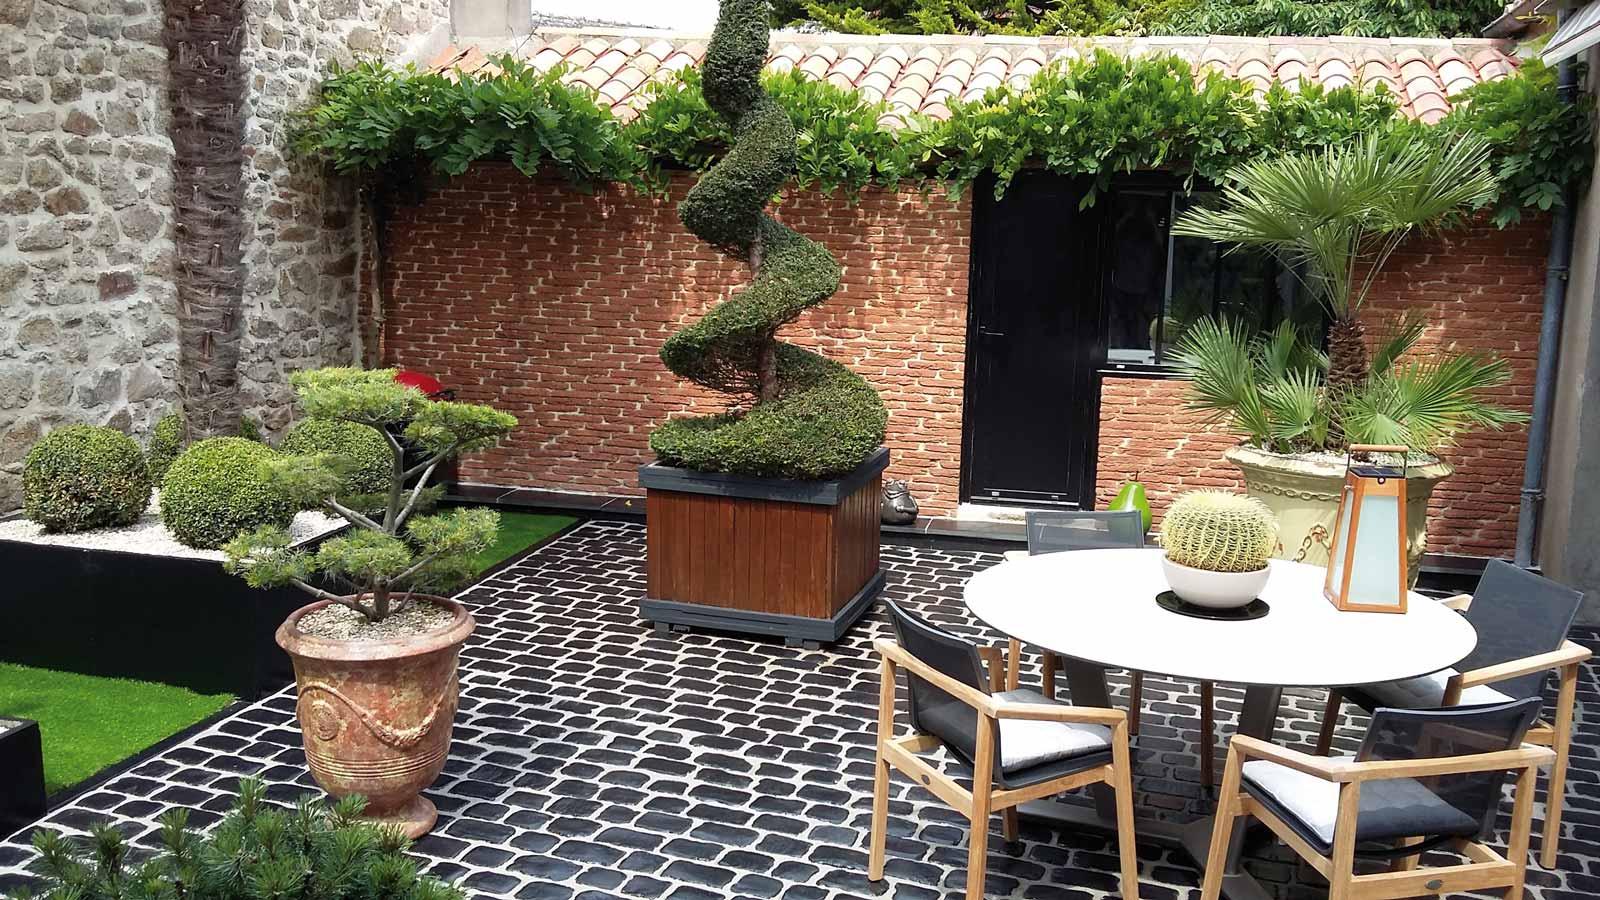 Et jardin veranda - Terrasse et jardin ...